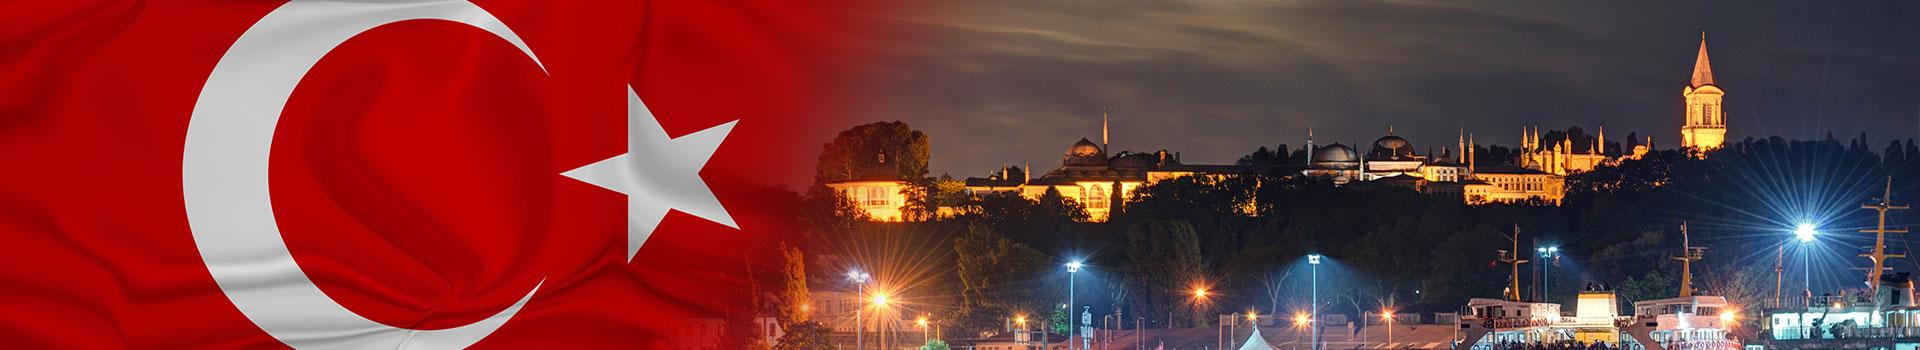 استخراج تأشيرة فيزا تركية